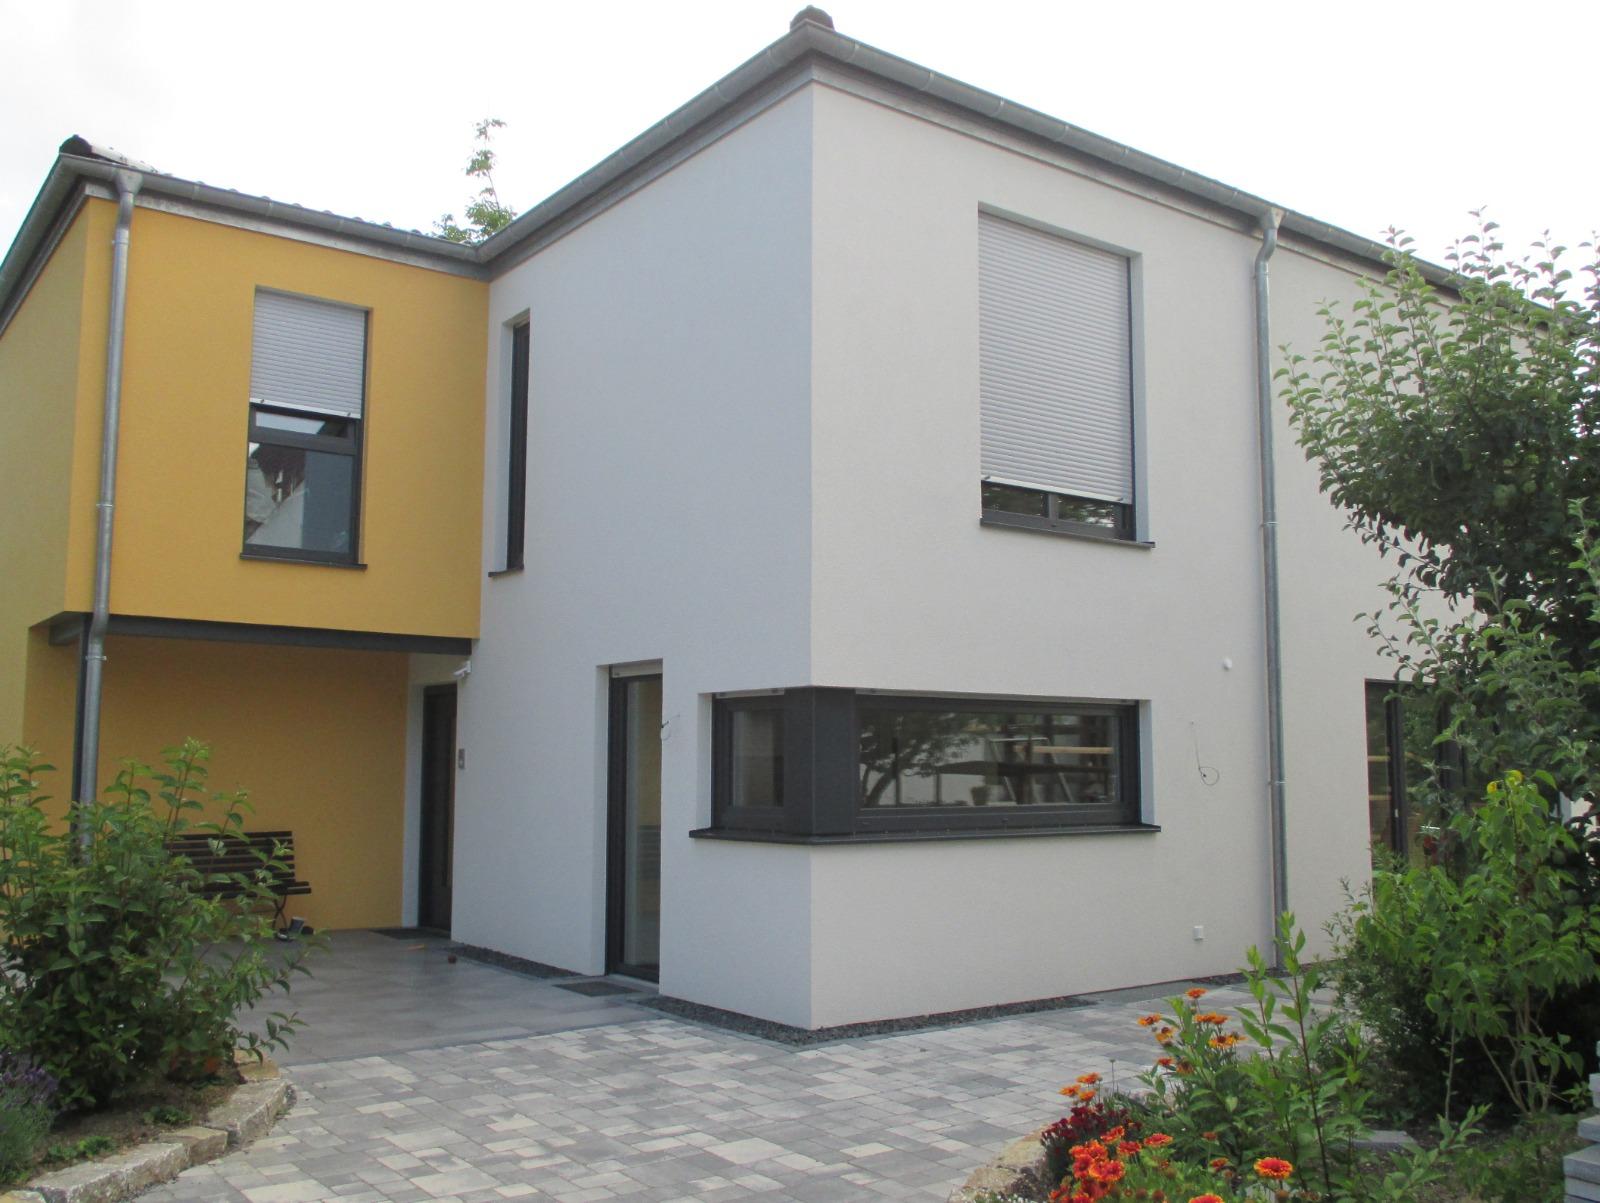 Hanse Haus - Michael Springer   Projekt 05